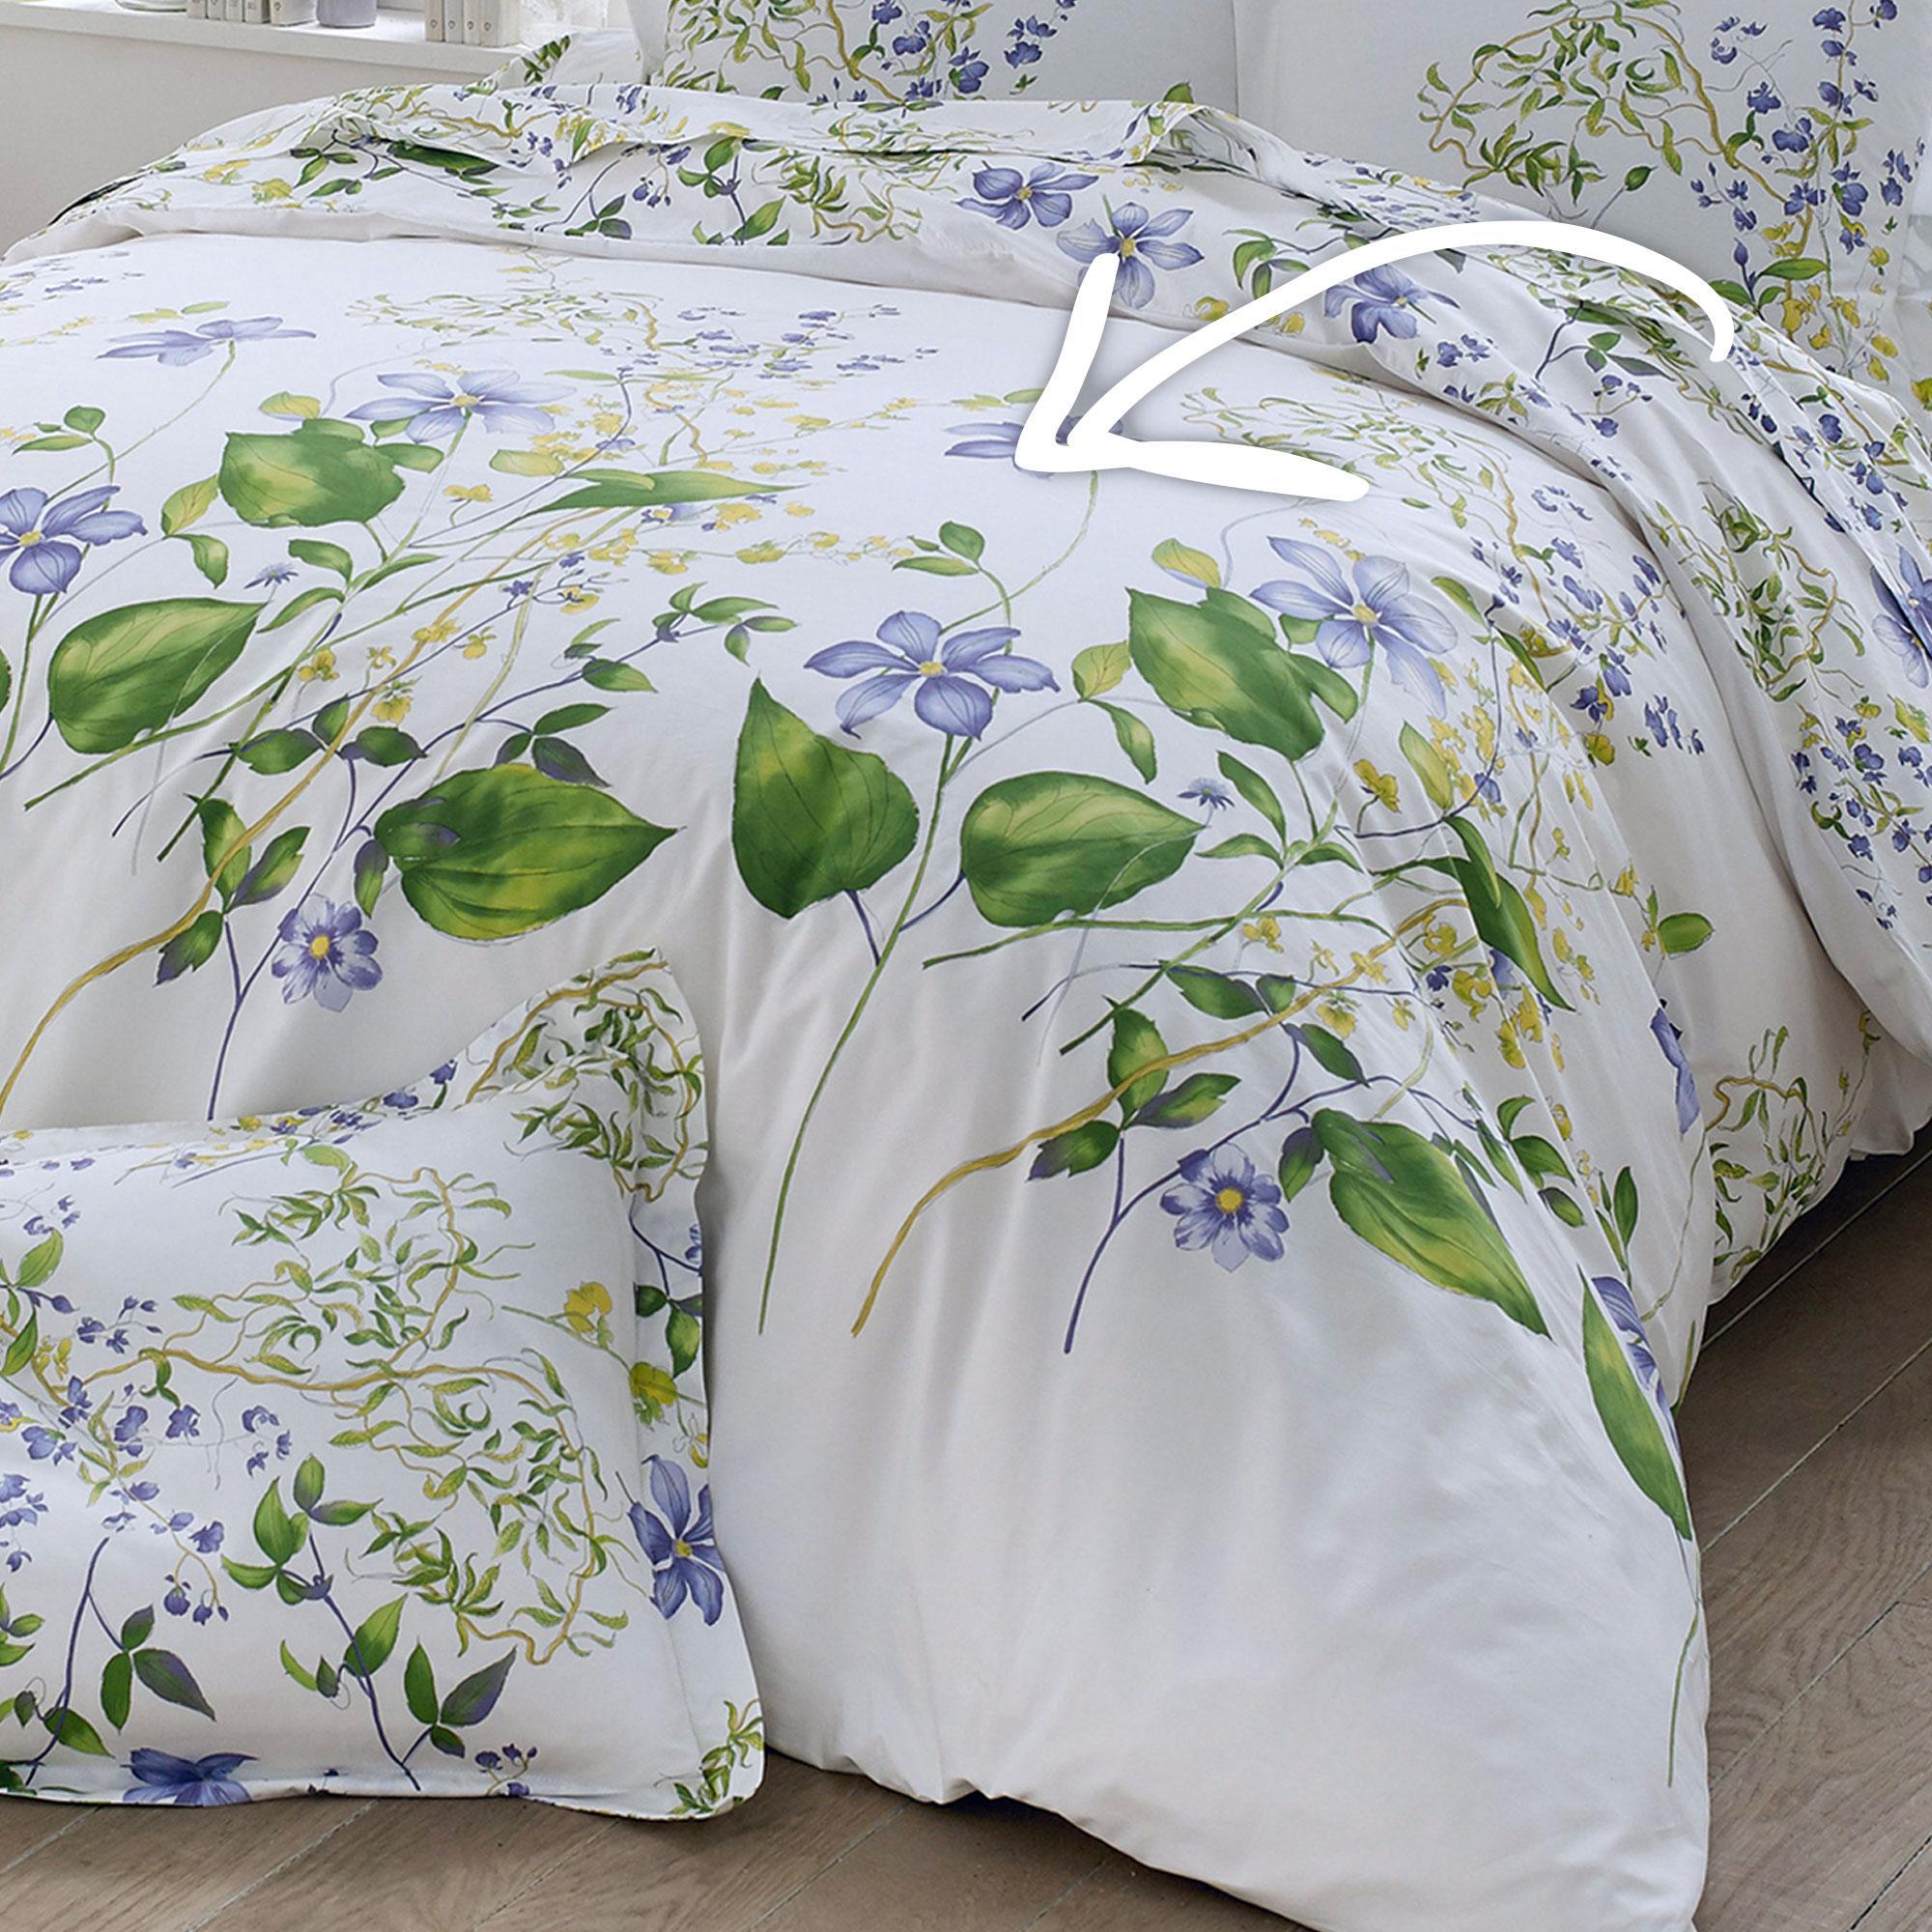 parure de lit percale pur coton peign 280x240 cm grace. Black Bedroom Furniture Sets. Home Design Ideas